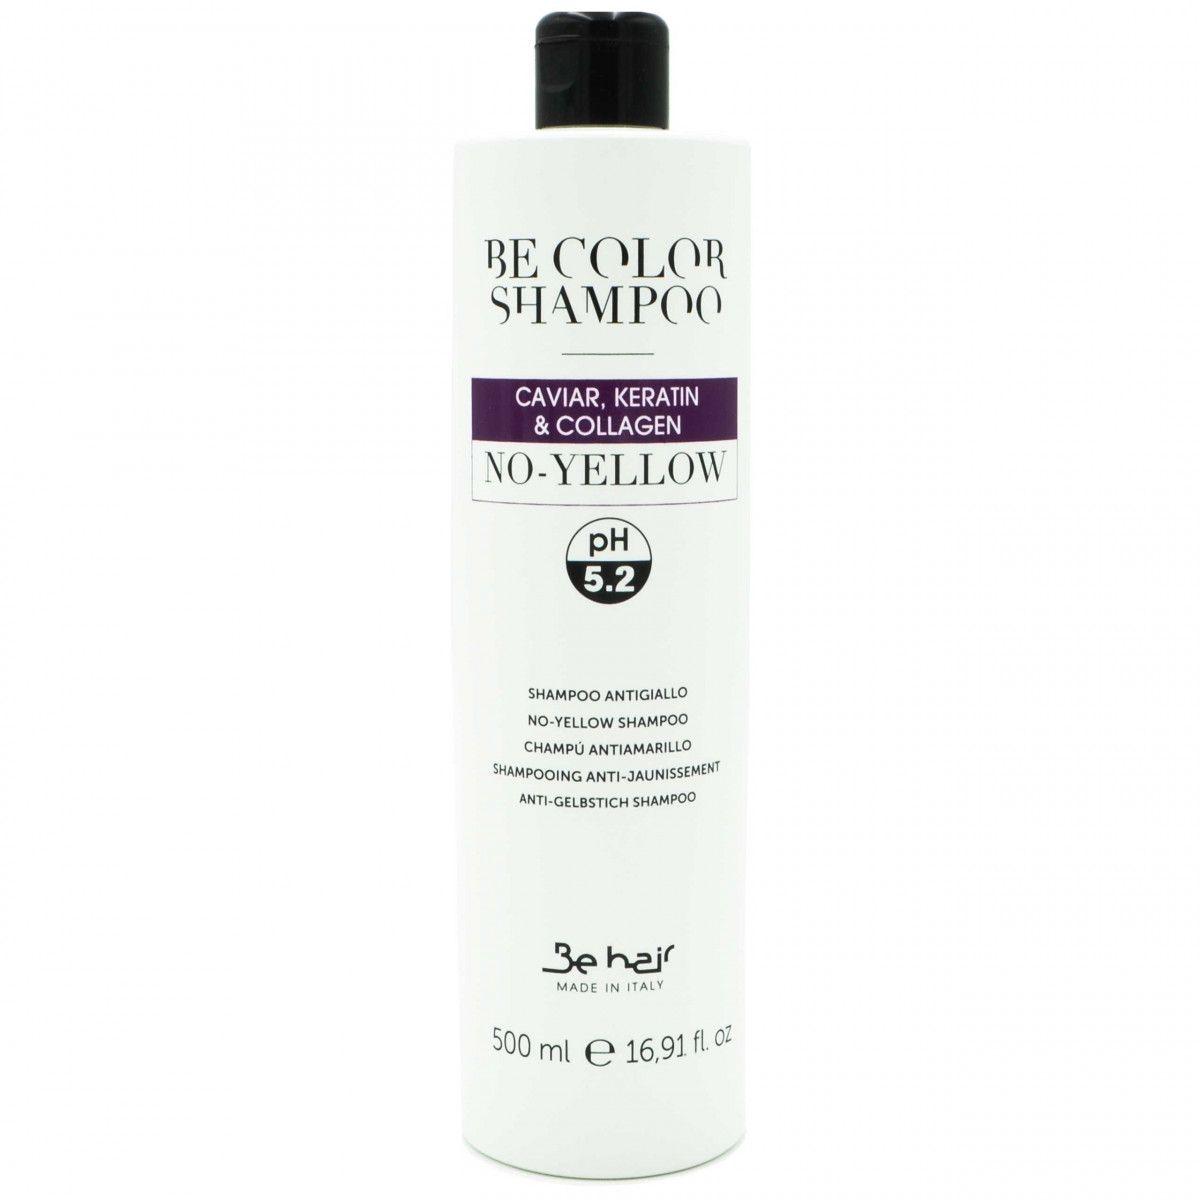 Be Hair BE COLOR NO YELLOW szampon neutralizujący żółte odcienie 500ml